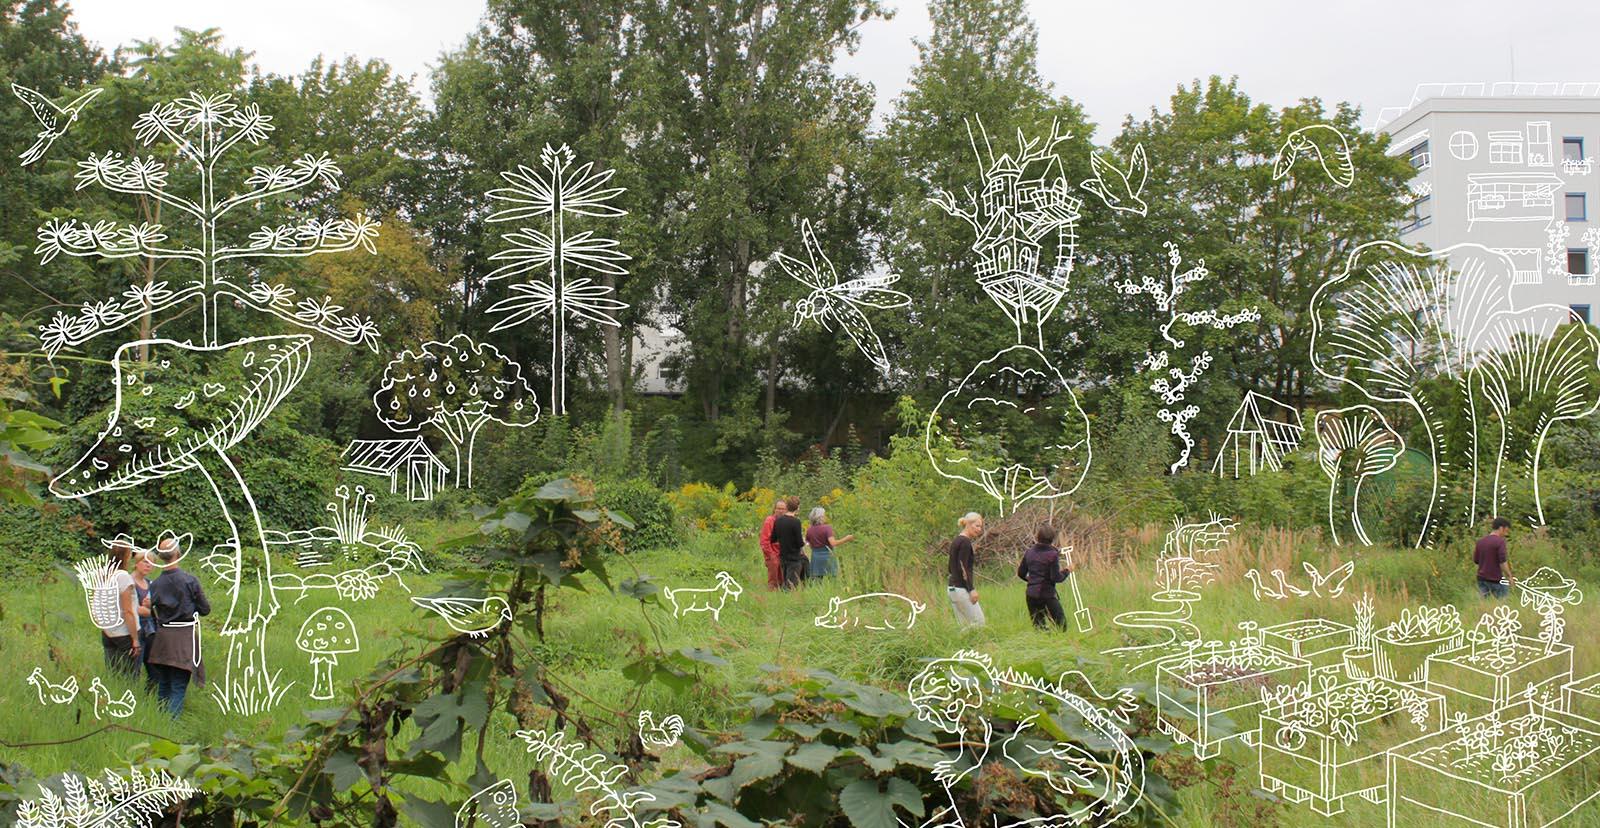 Peace of Land permakultureller Gemeinschaftsgarten in Berlin Prenzlauer Berg